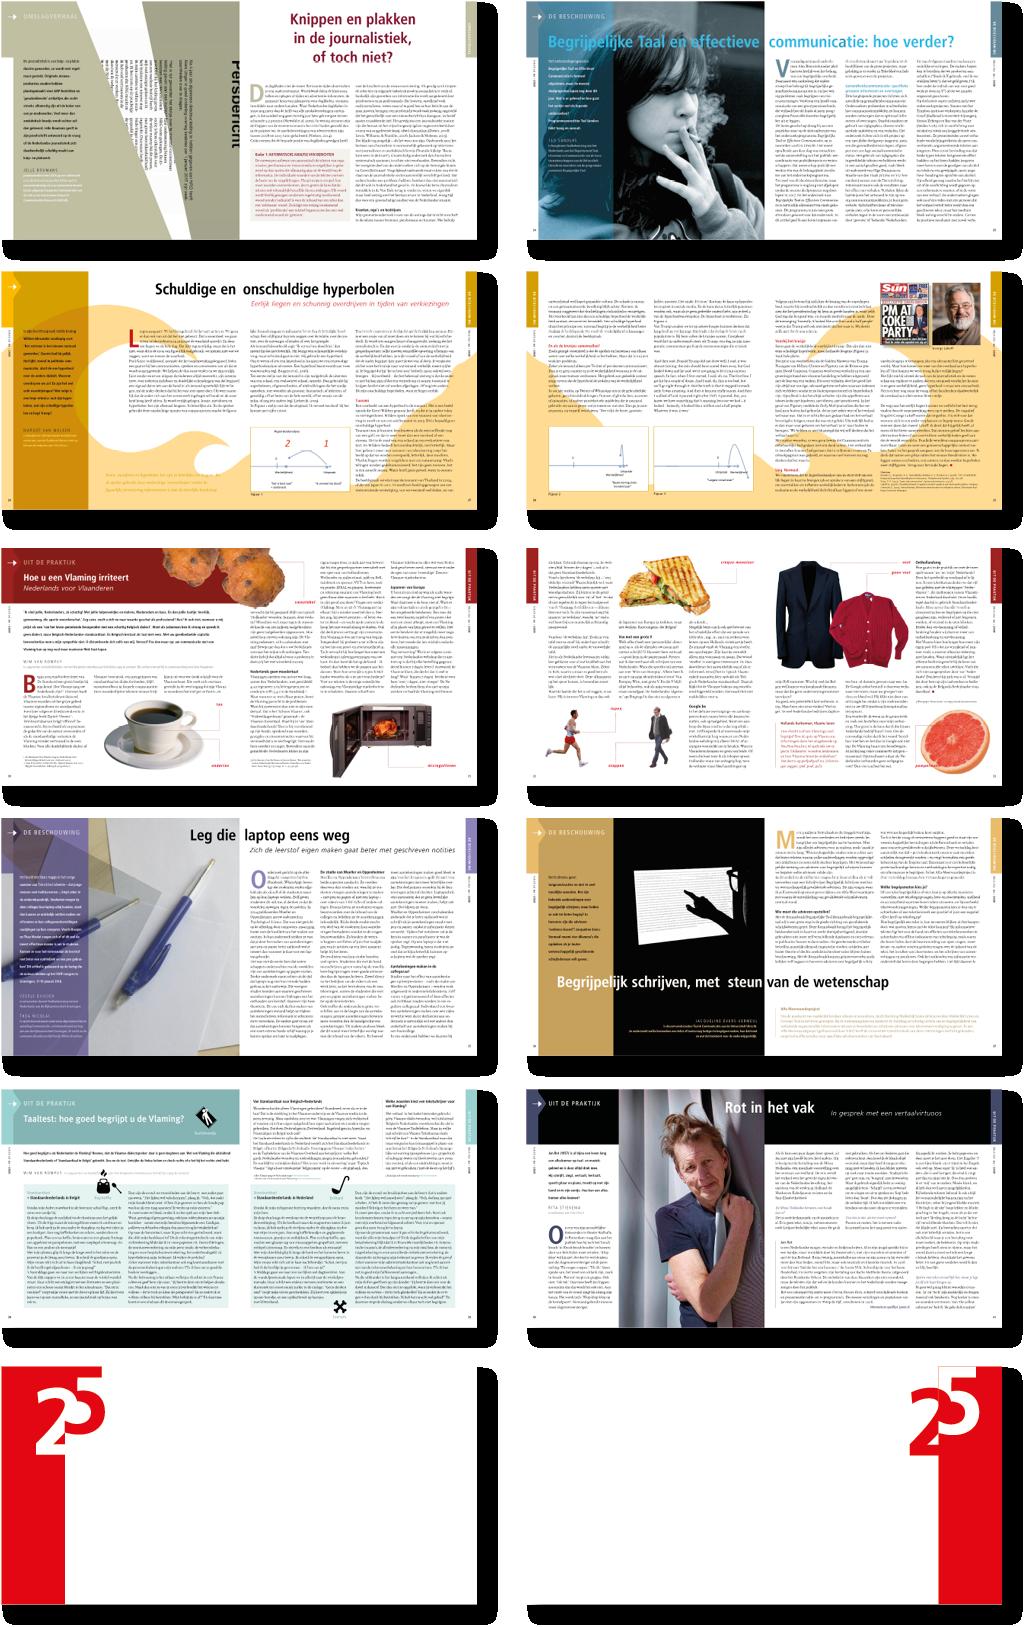 tekstblad tekst en communicatie1 mettrop grafische vormgeving